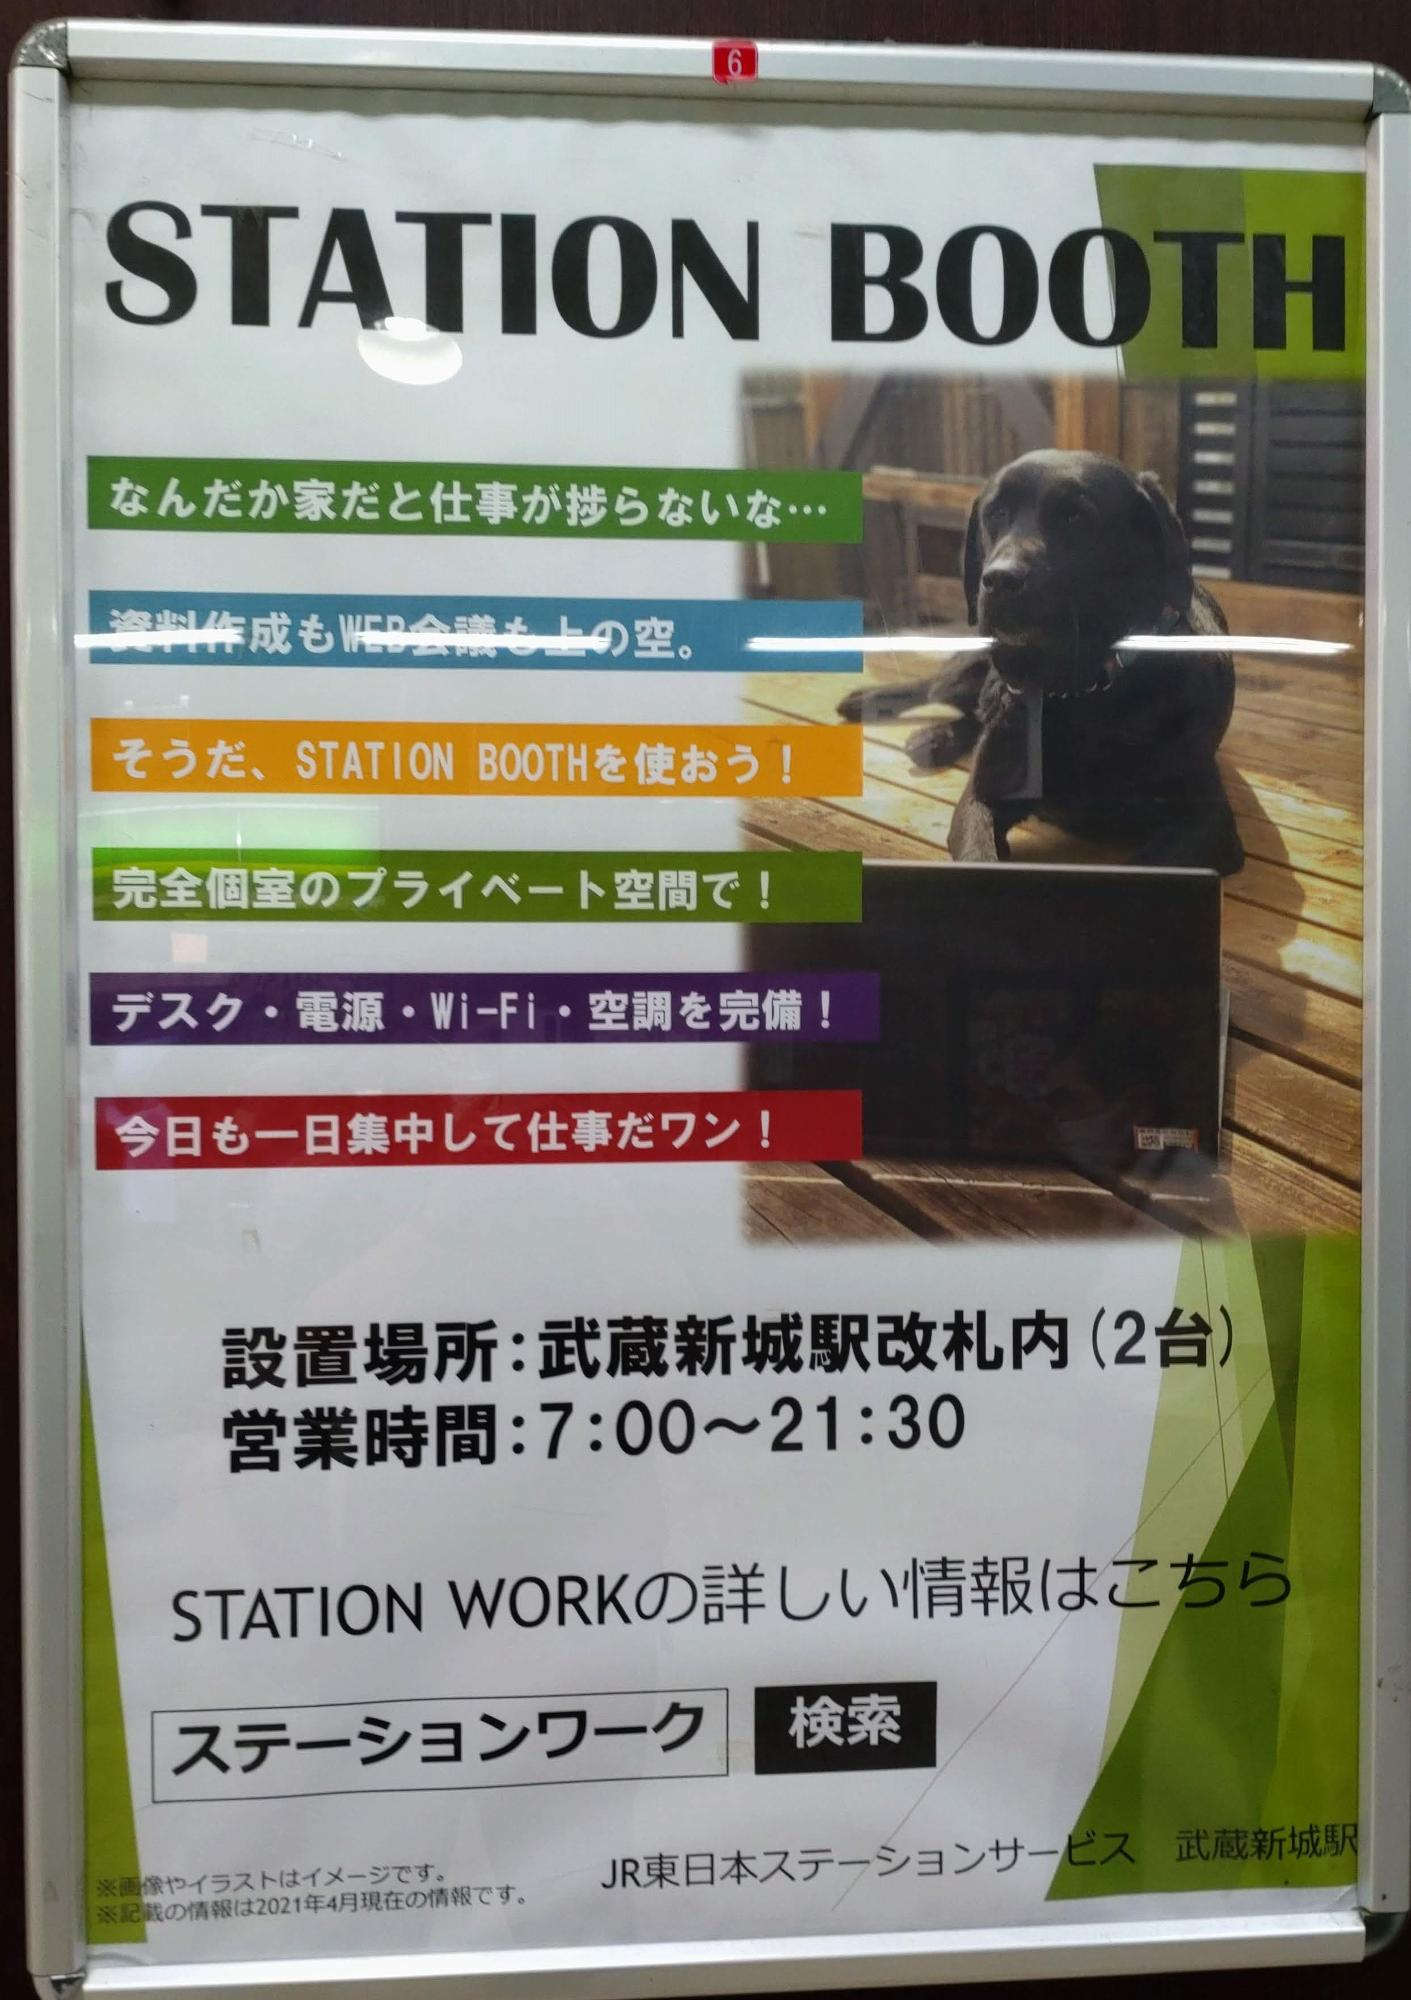 JR武蔵新城駅改札を降りたときにこのポスターを発見